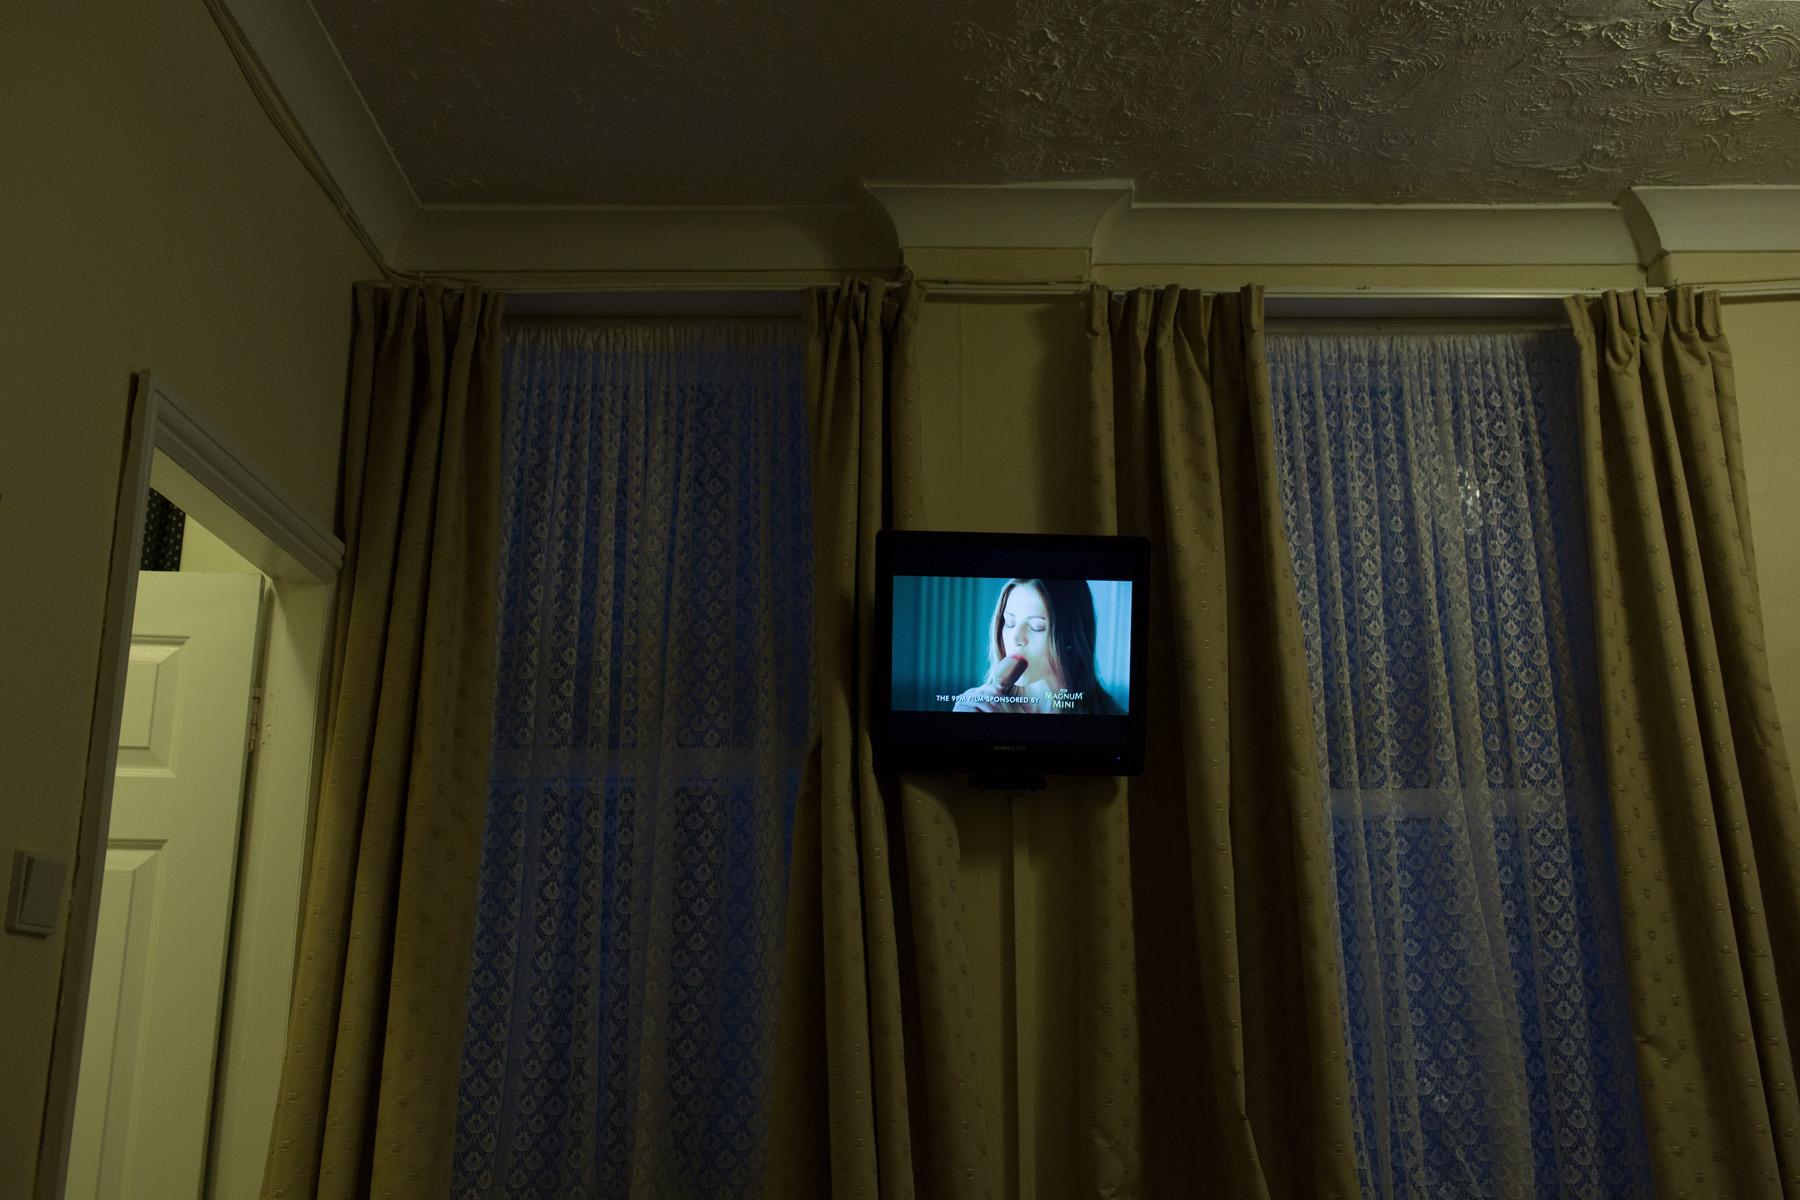 HotelRoom#03-(c)JoVoets.jpg